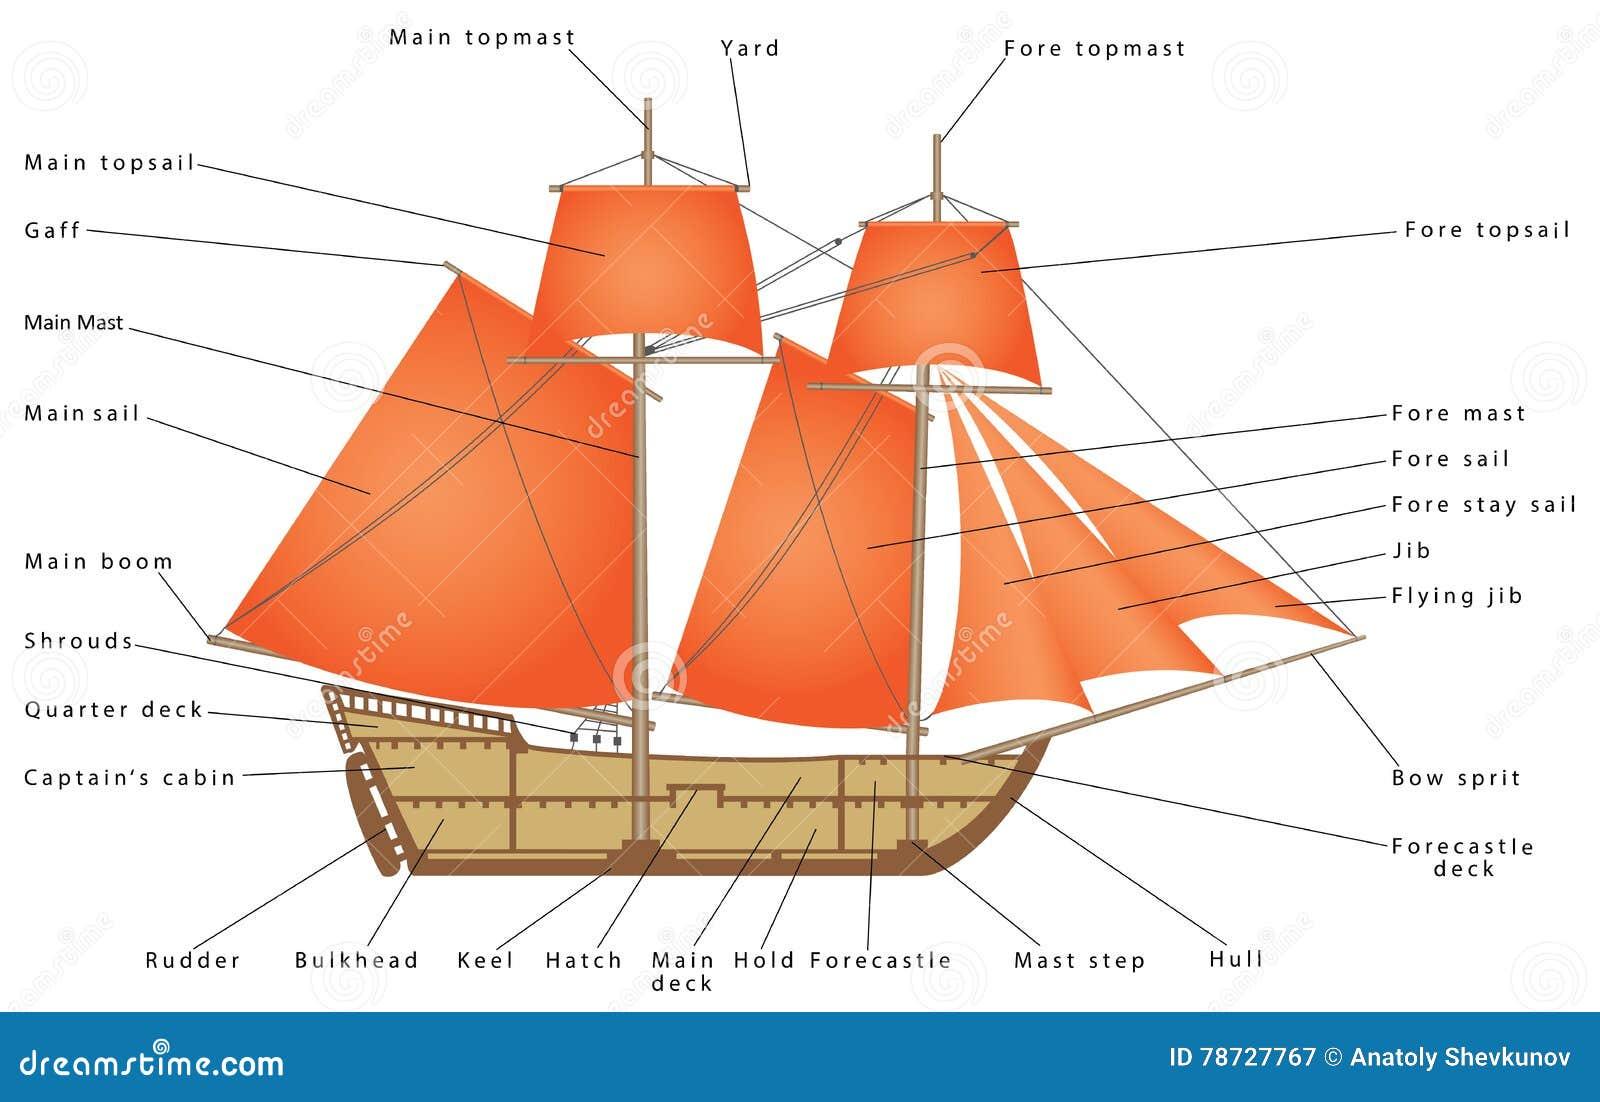 Velero ilustración del vector. Ilustración de yate, ventoso - 78727767